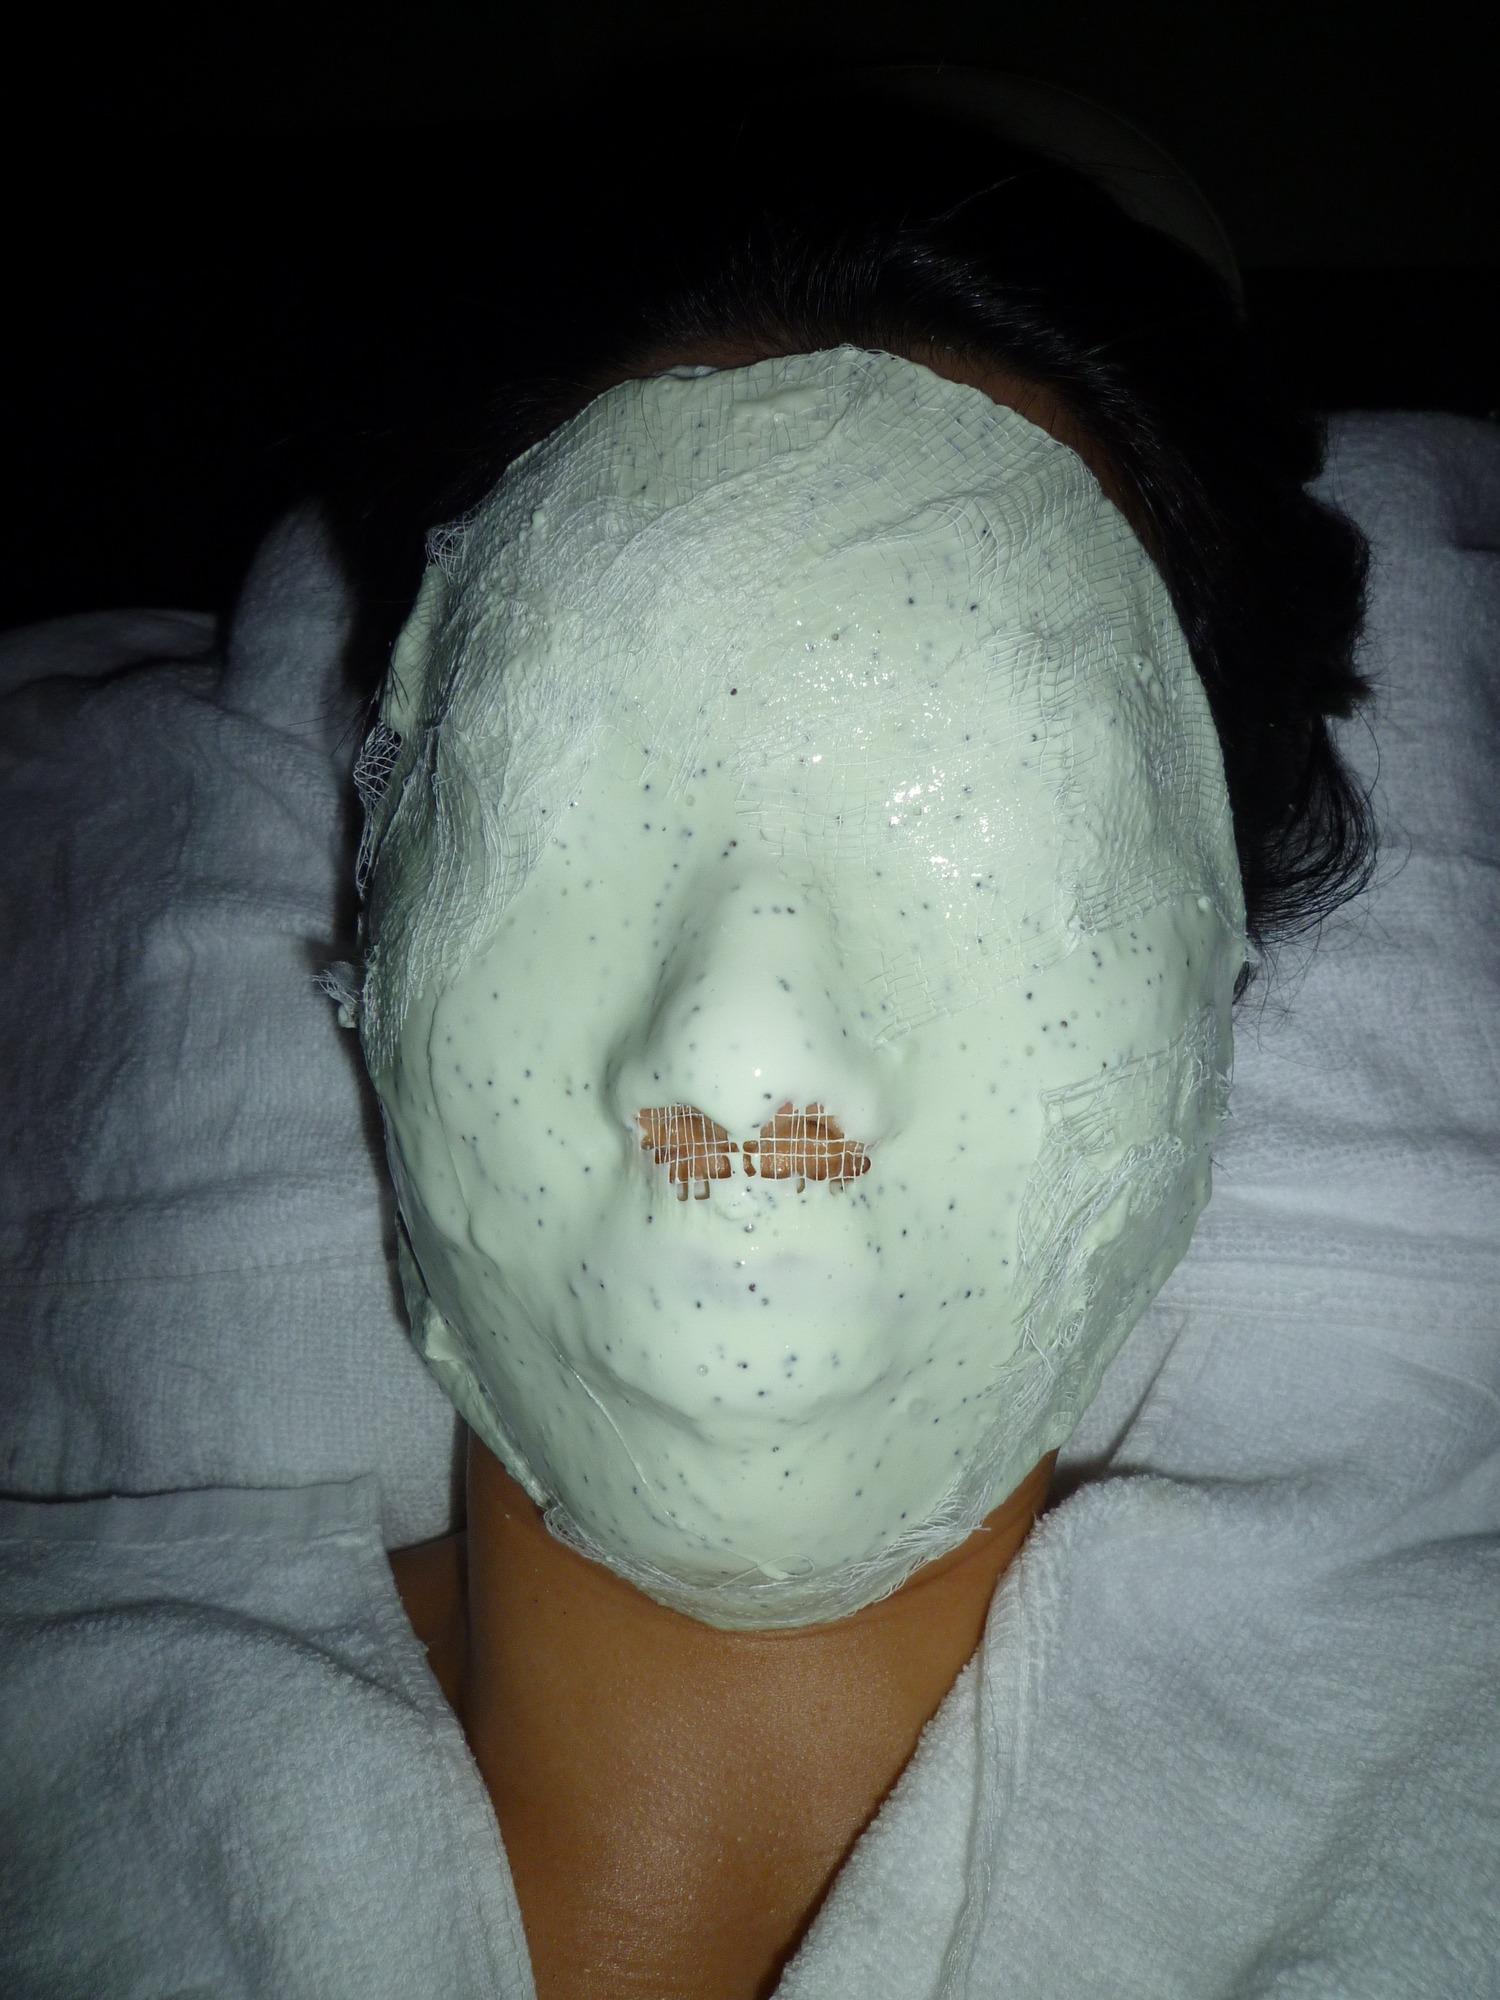 kiwi brightening mask